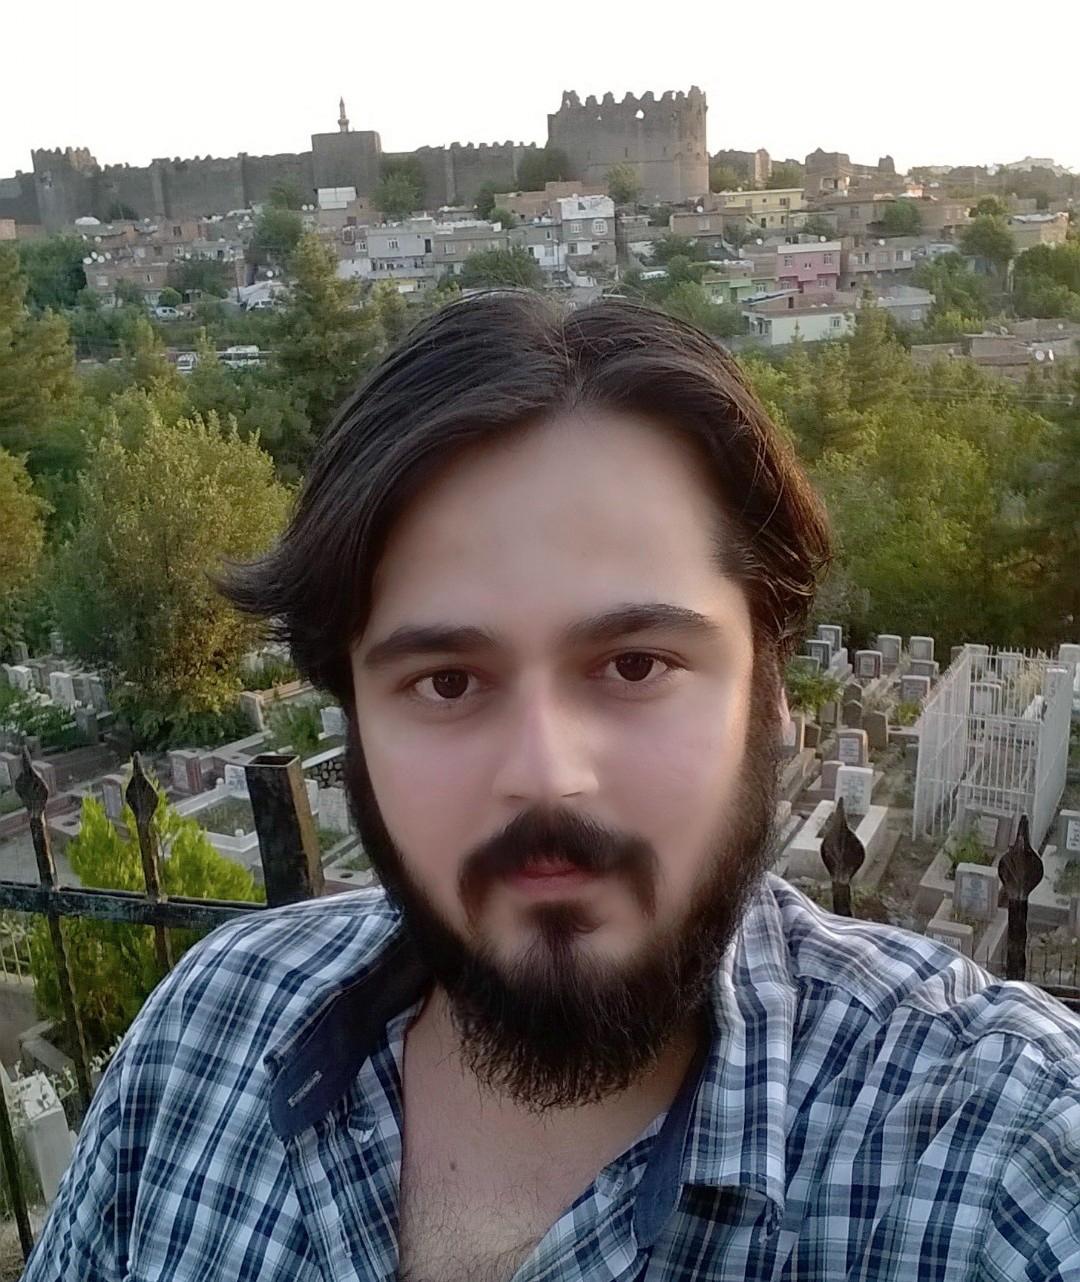 BY%2B%252853%2529 - Şair Bilal Yavuz'dan şiirler